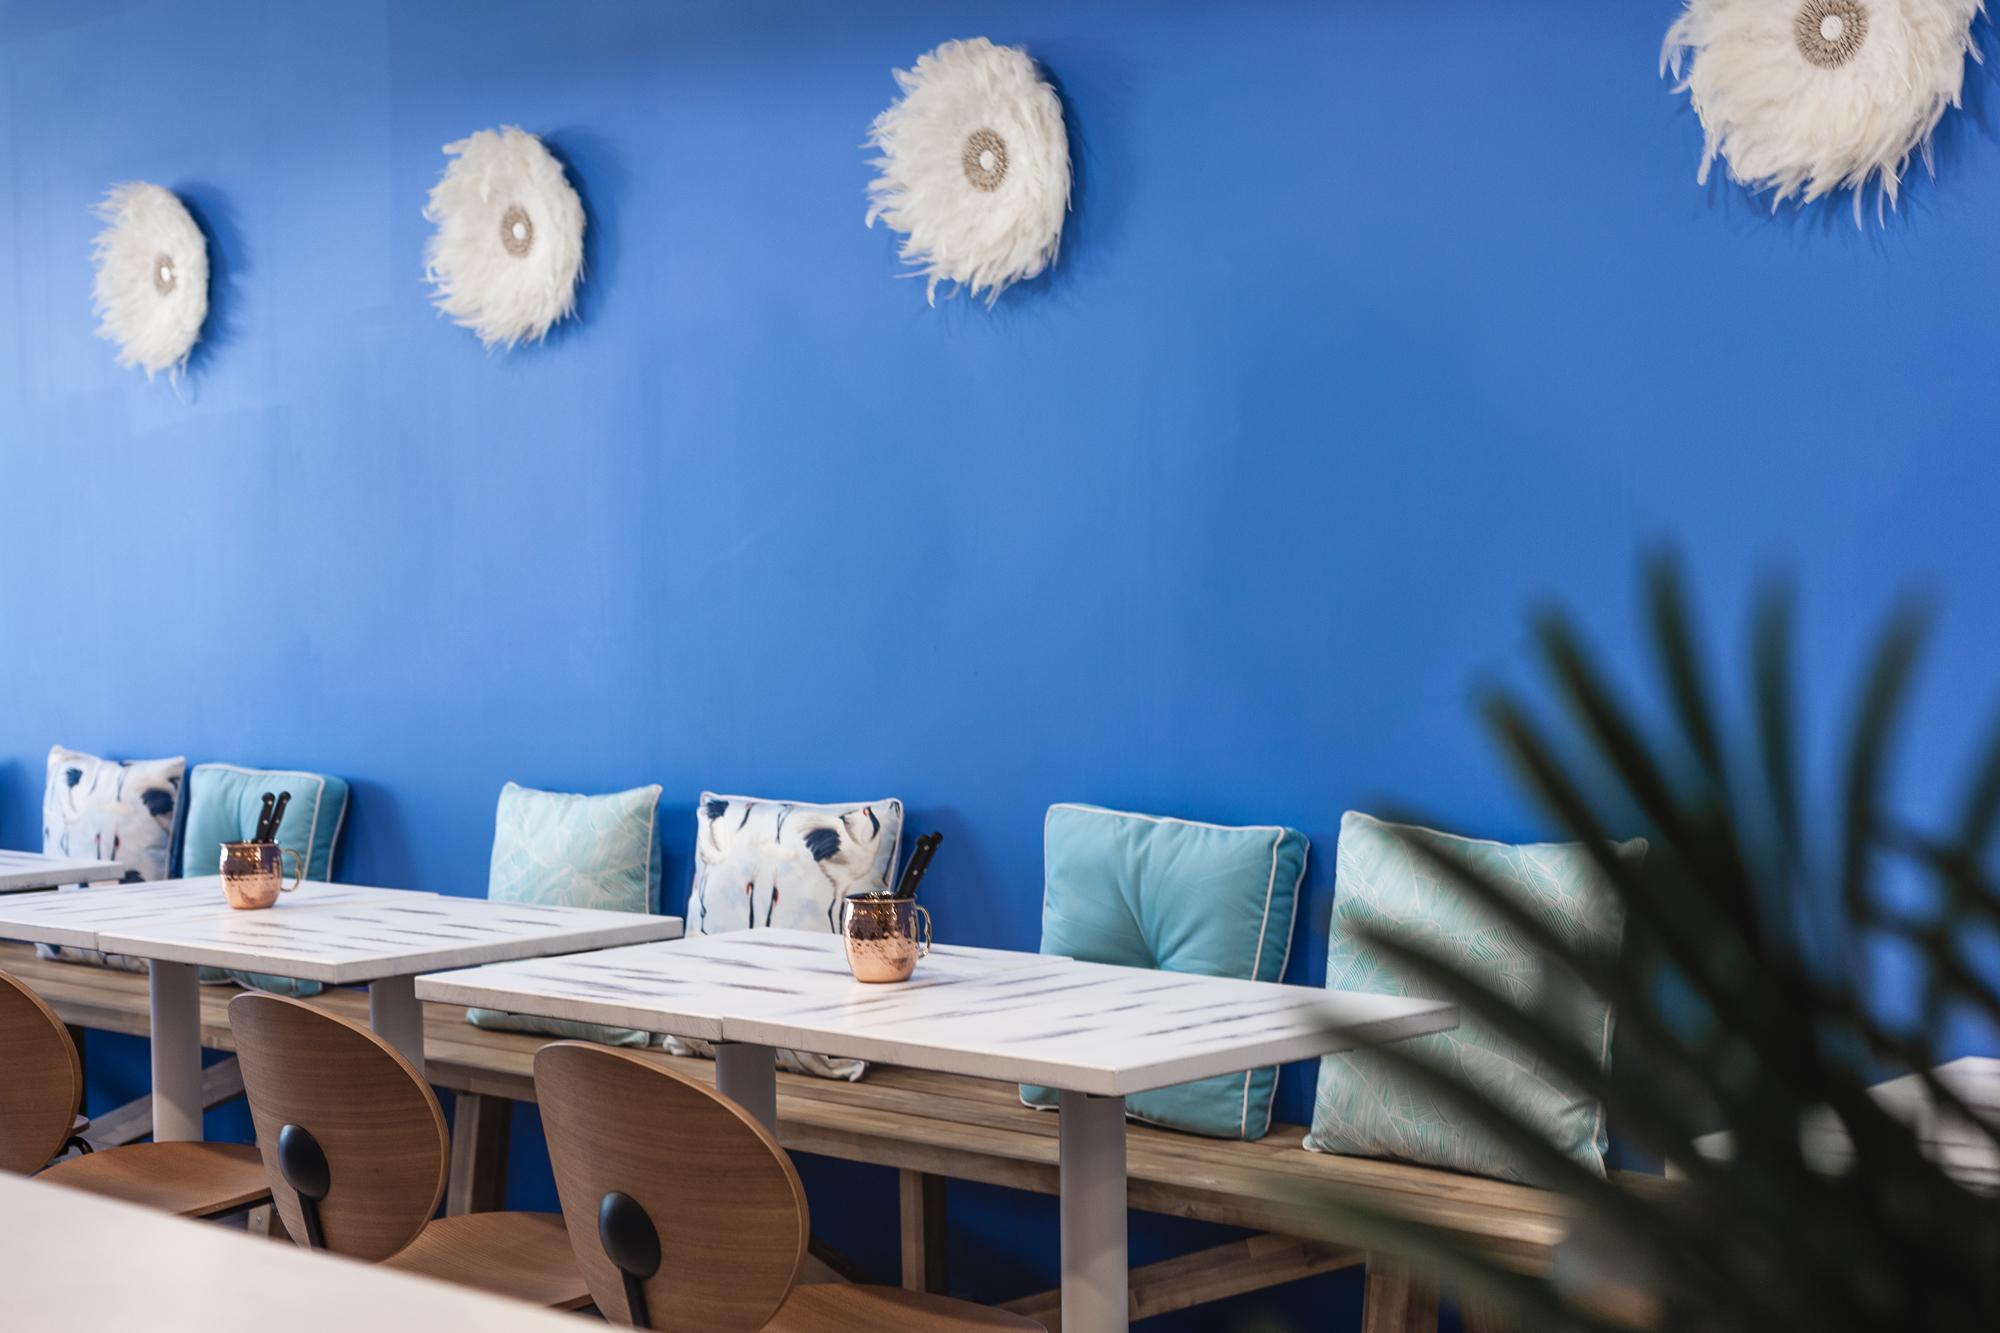 KHOURY_SB_WEB-5933 melbourne interior designer, hospitality design